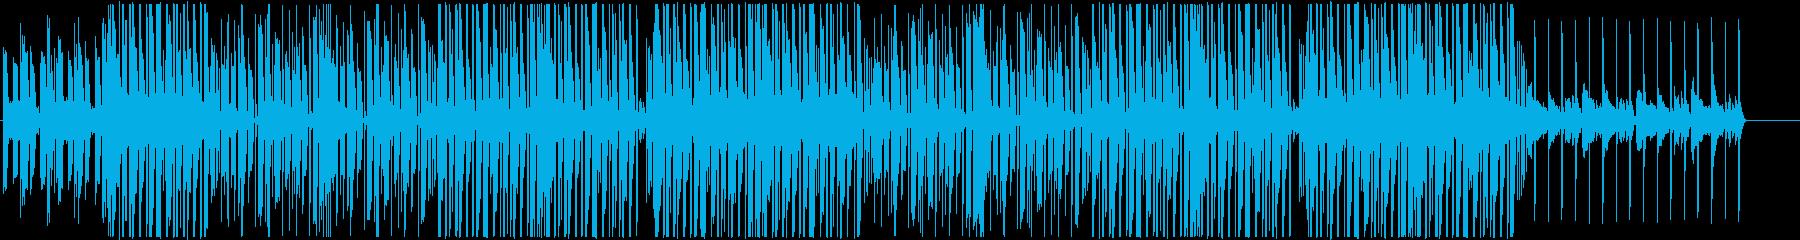 ヒップホップ、ローファイチルアウト♫の再生済みの波形